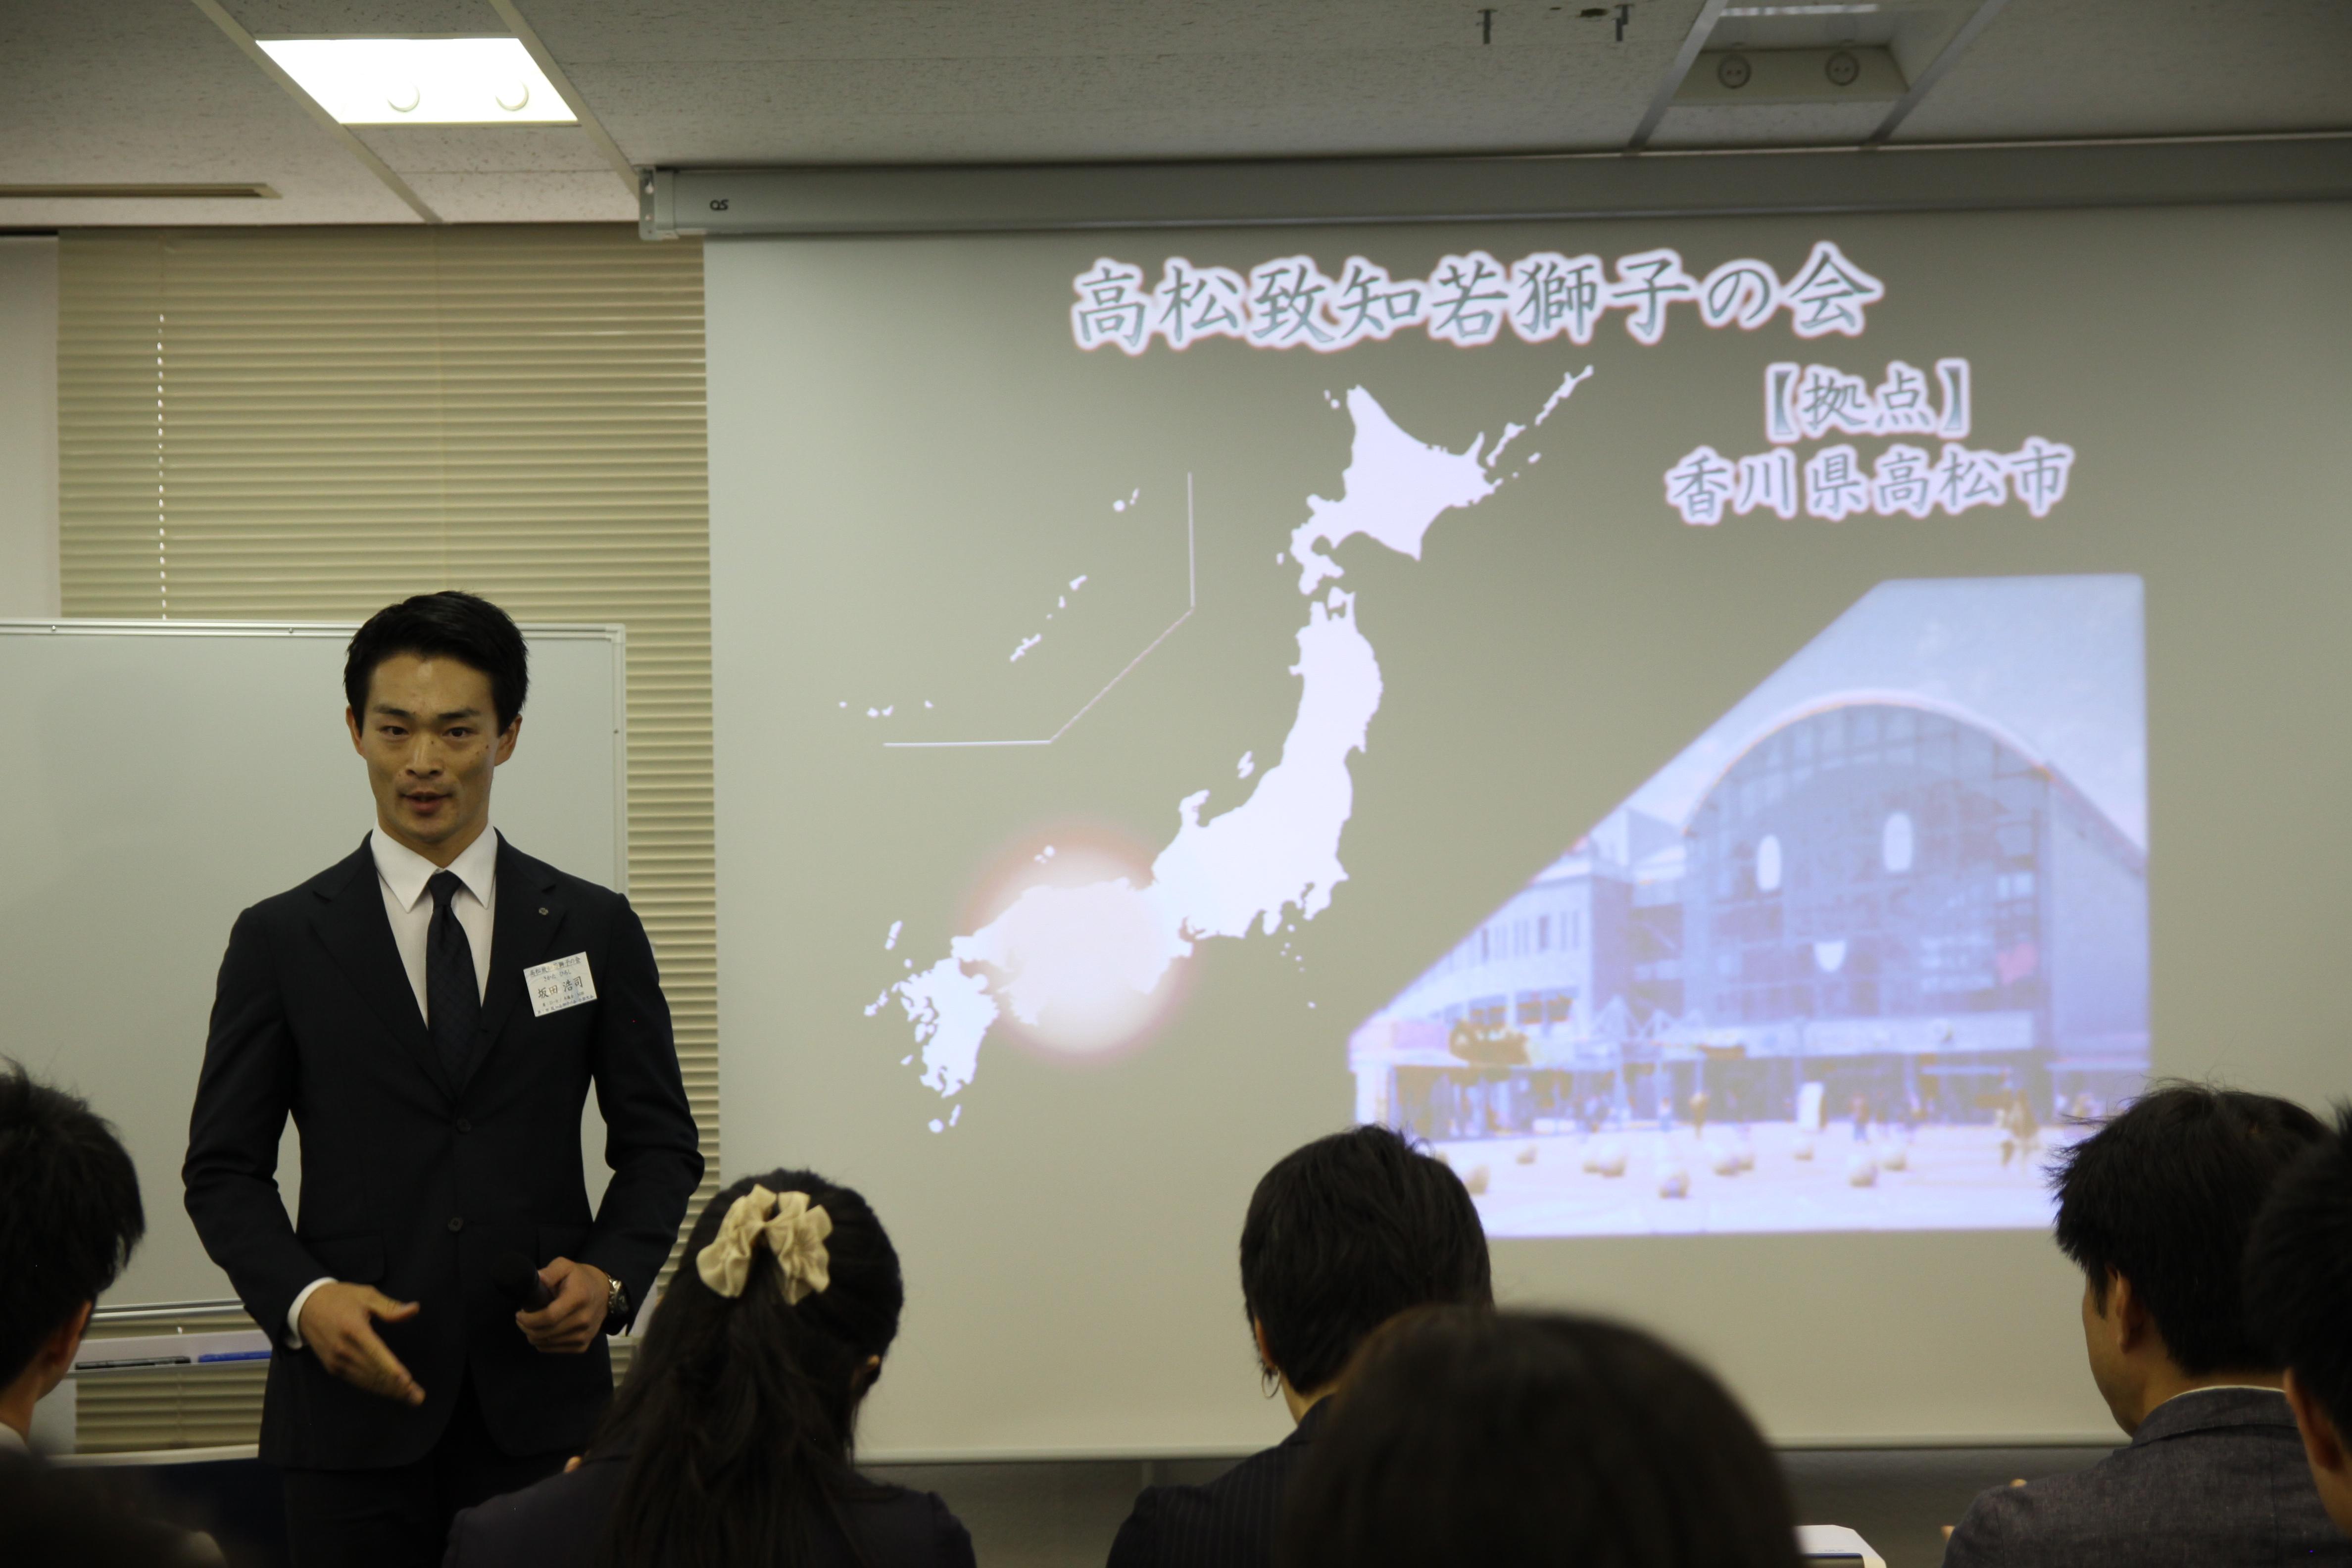 IMG 4657 - 関東若獅子の会、記念すべき第100回